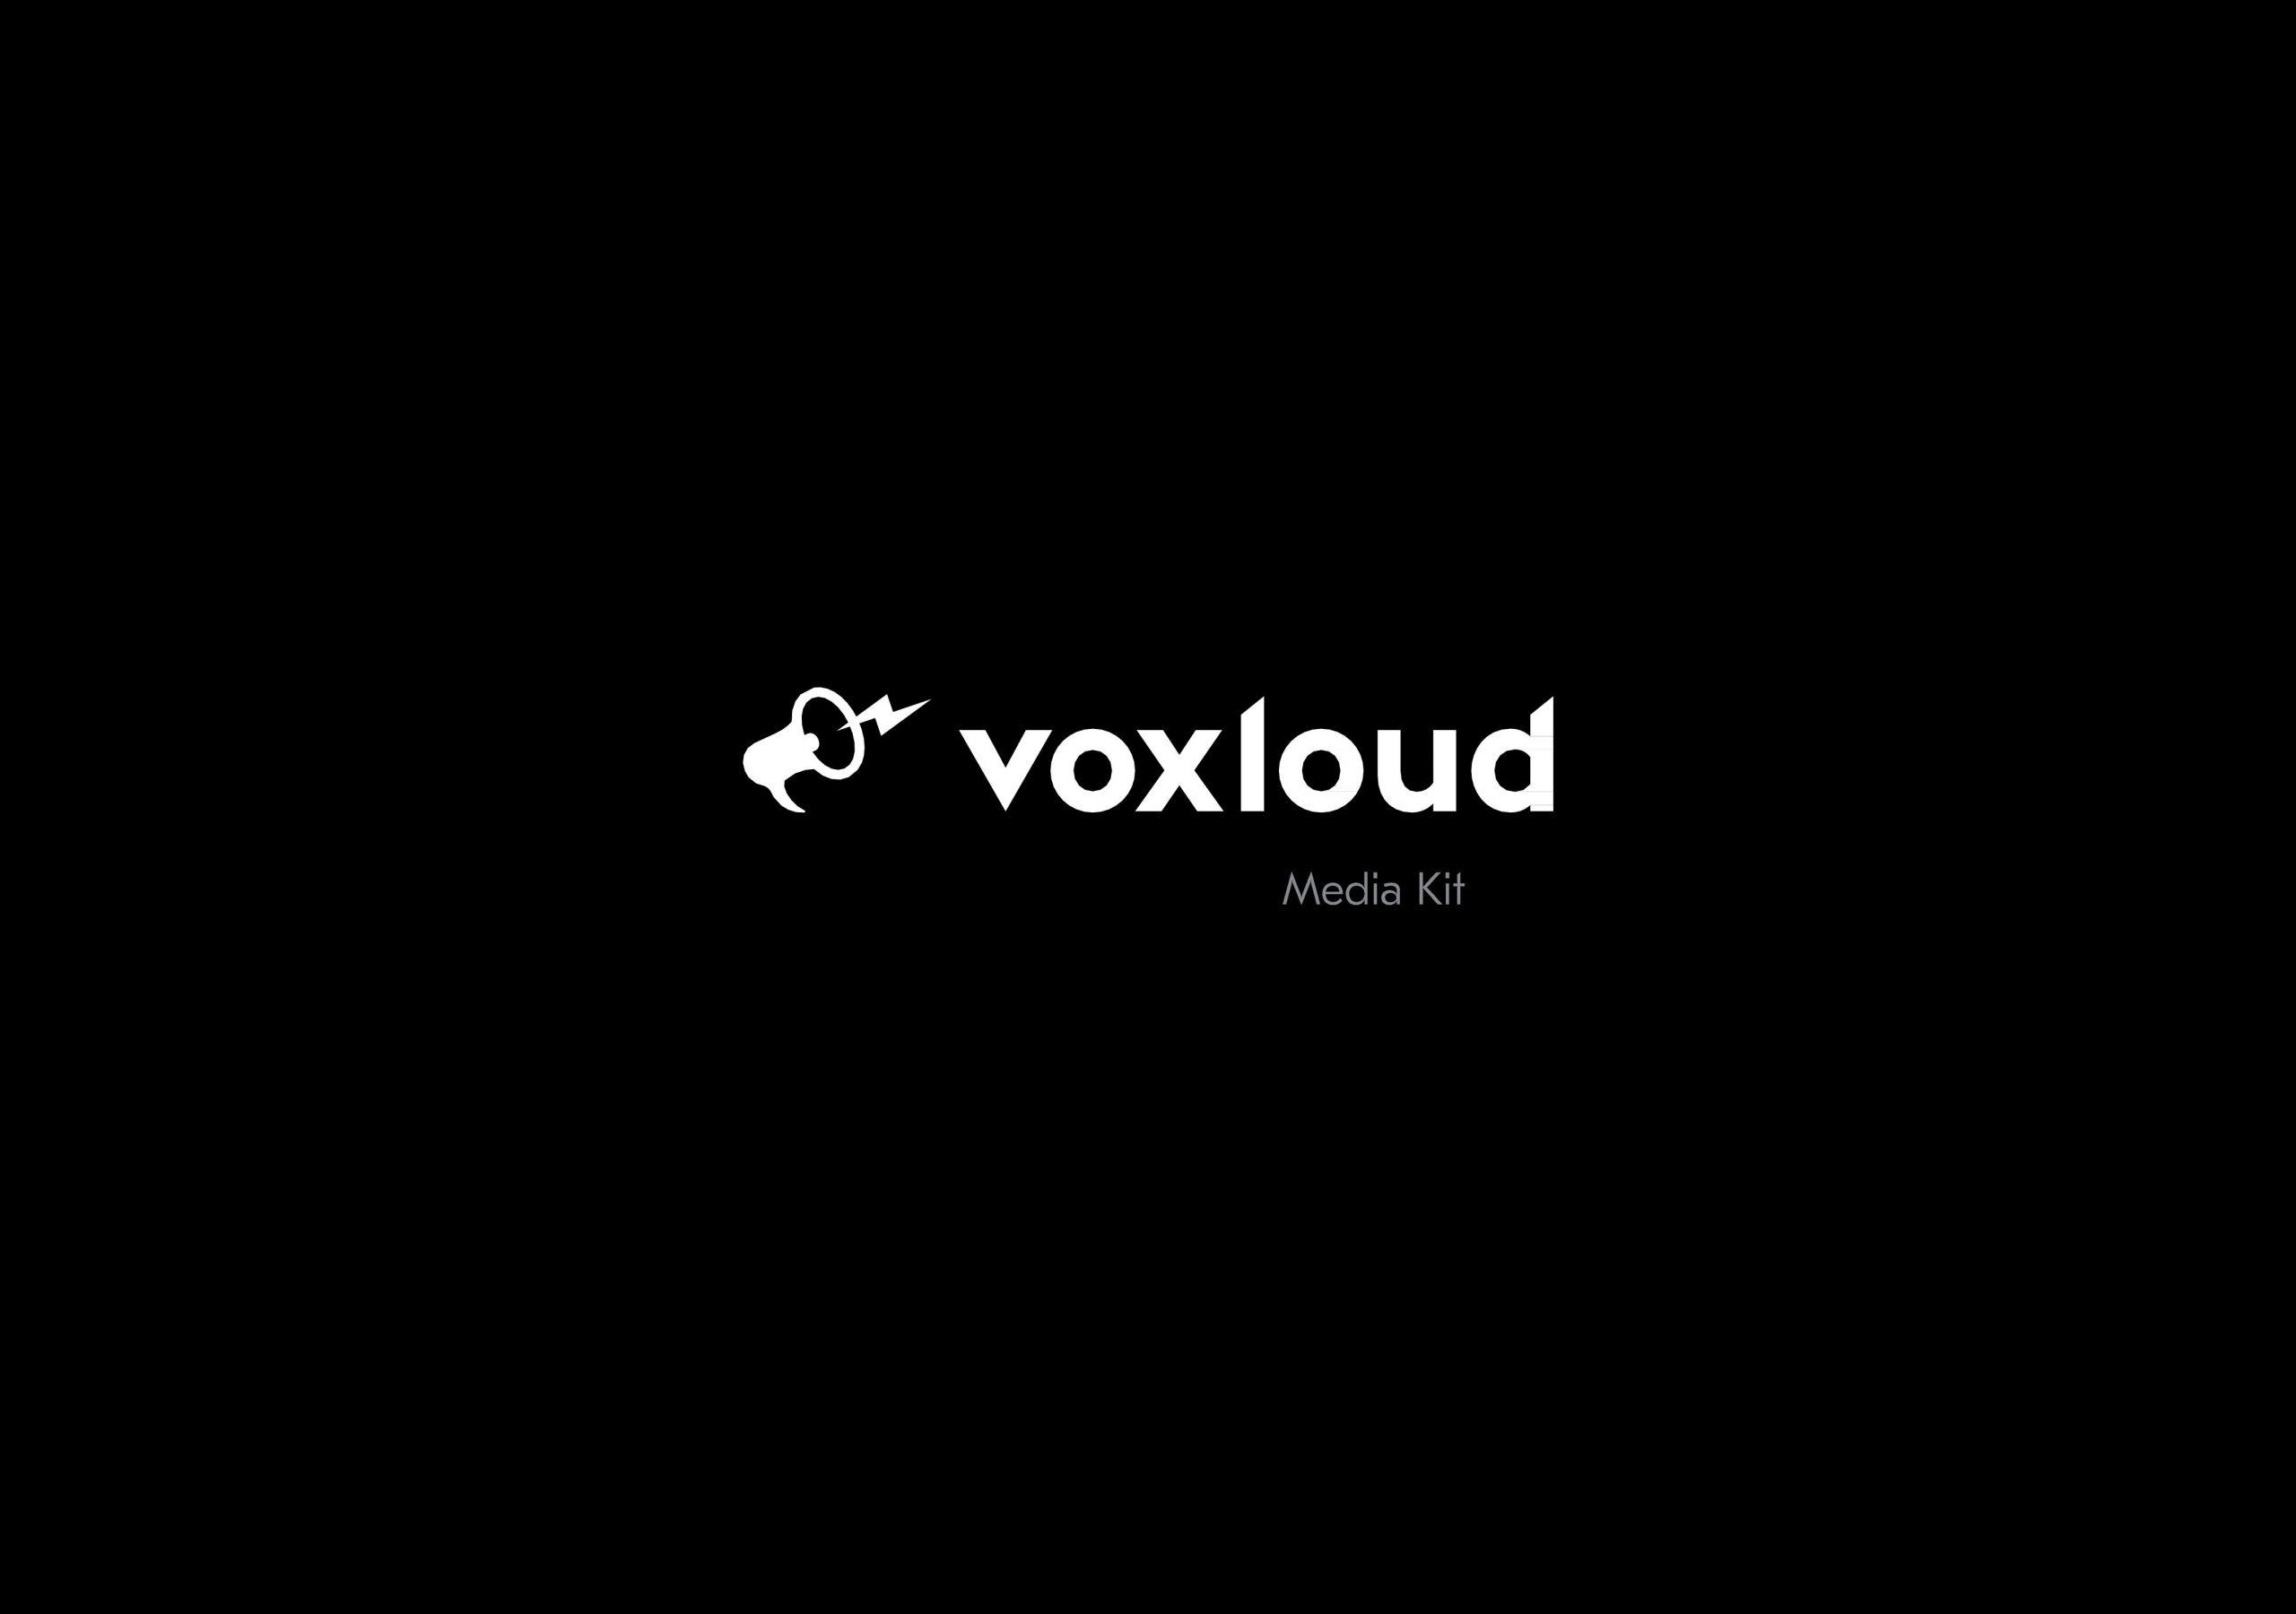 Voxloud Media Kit_01